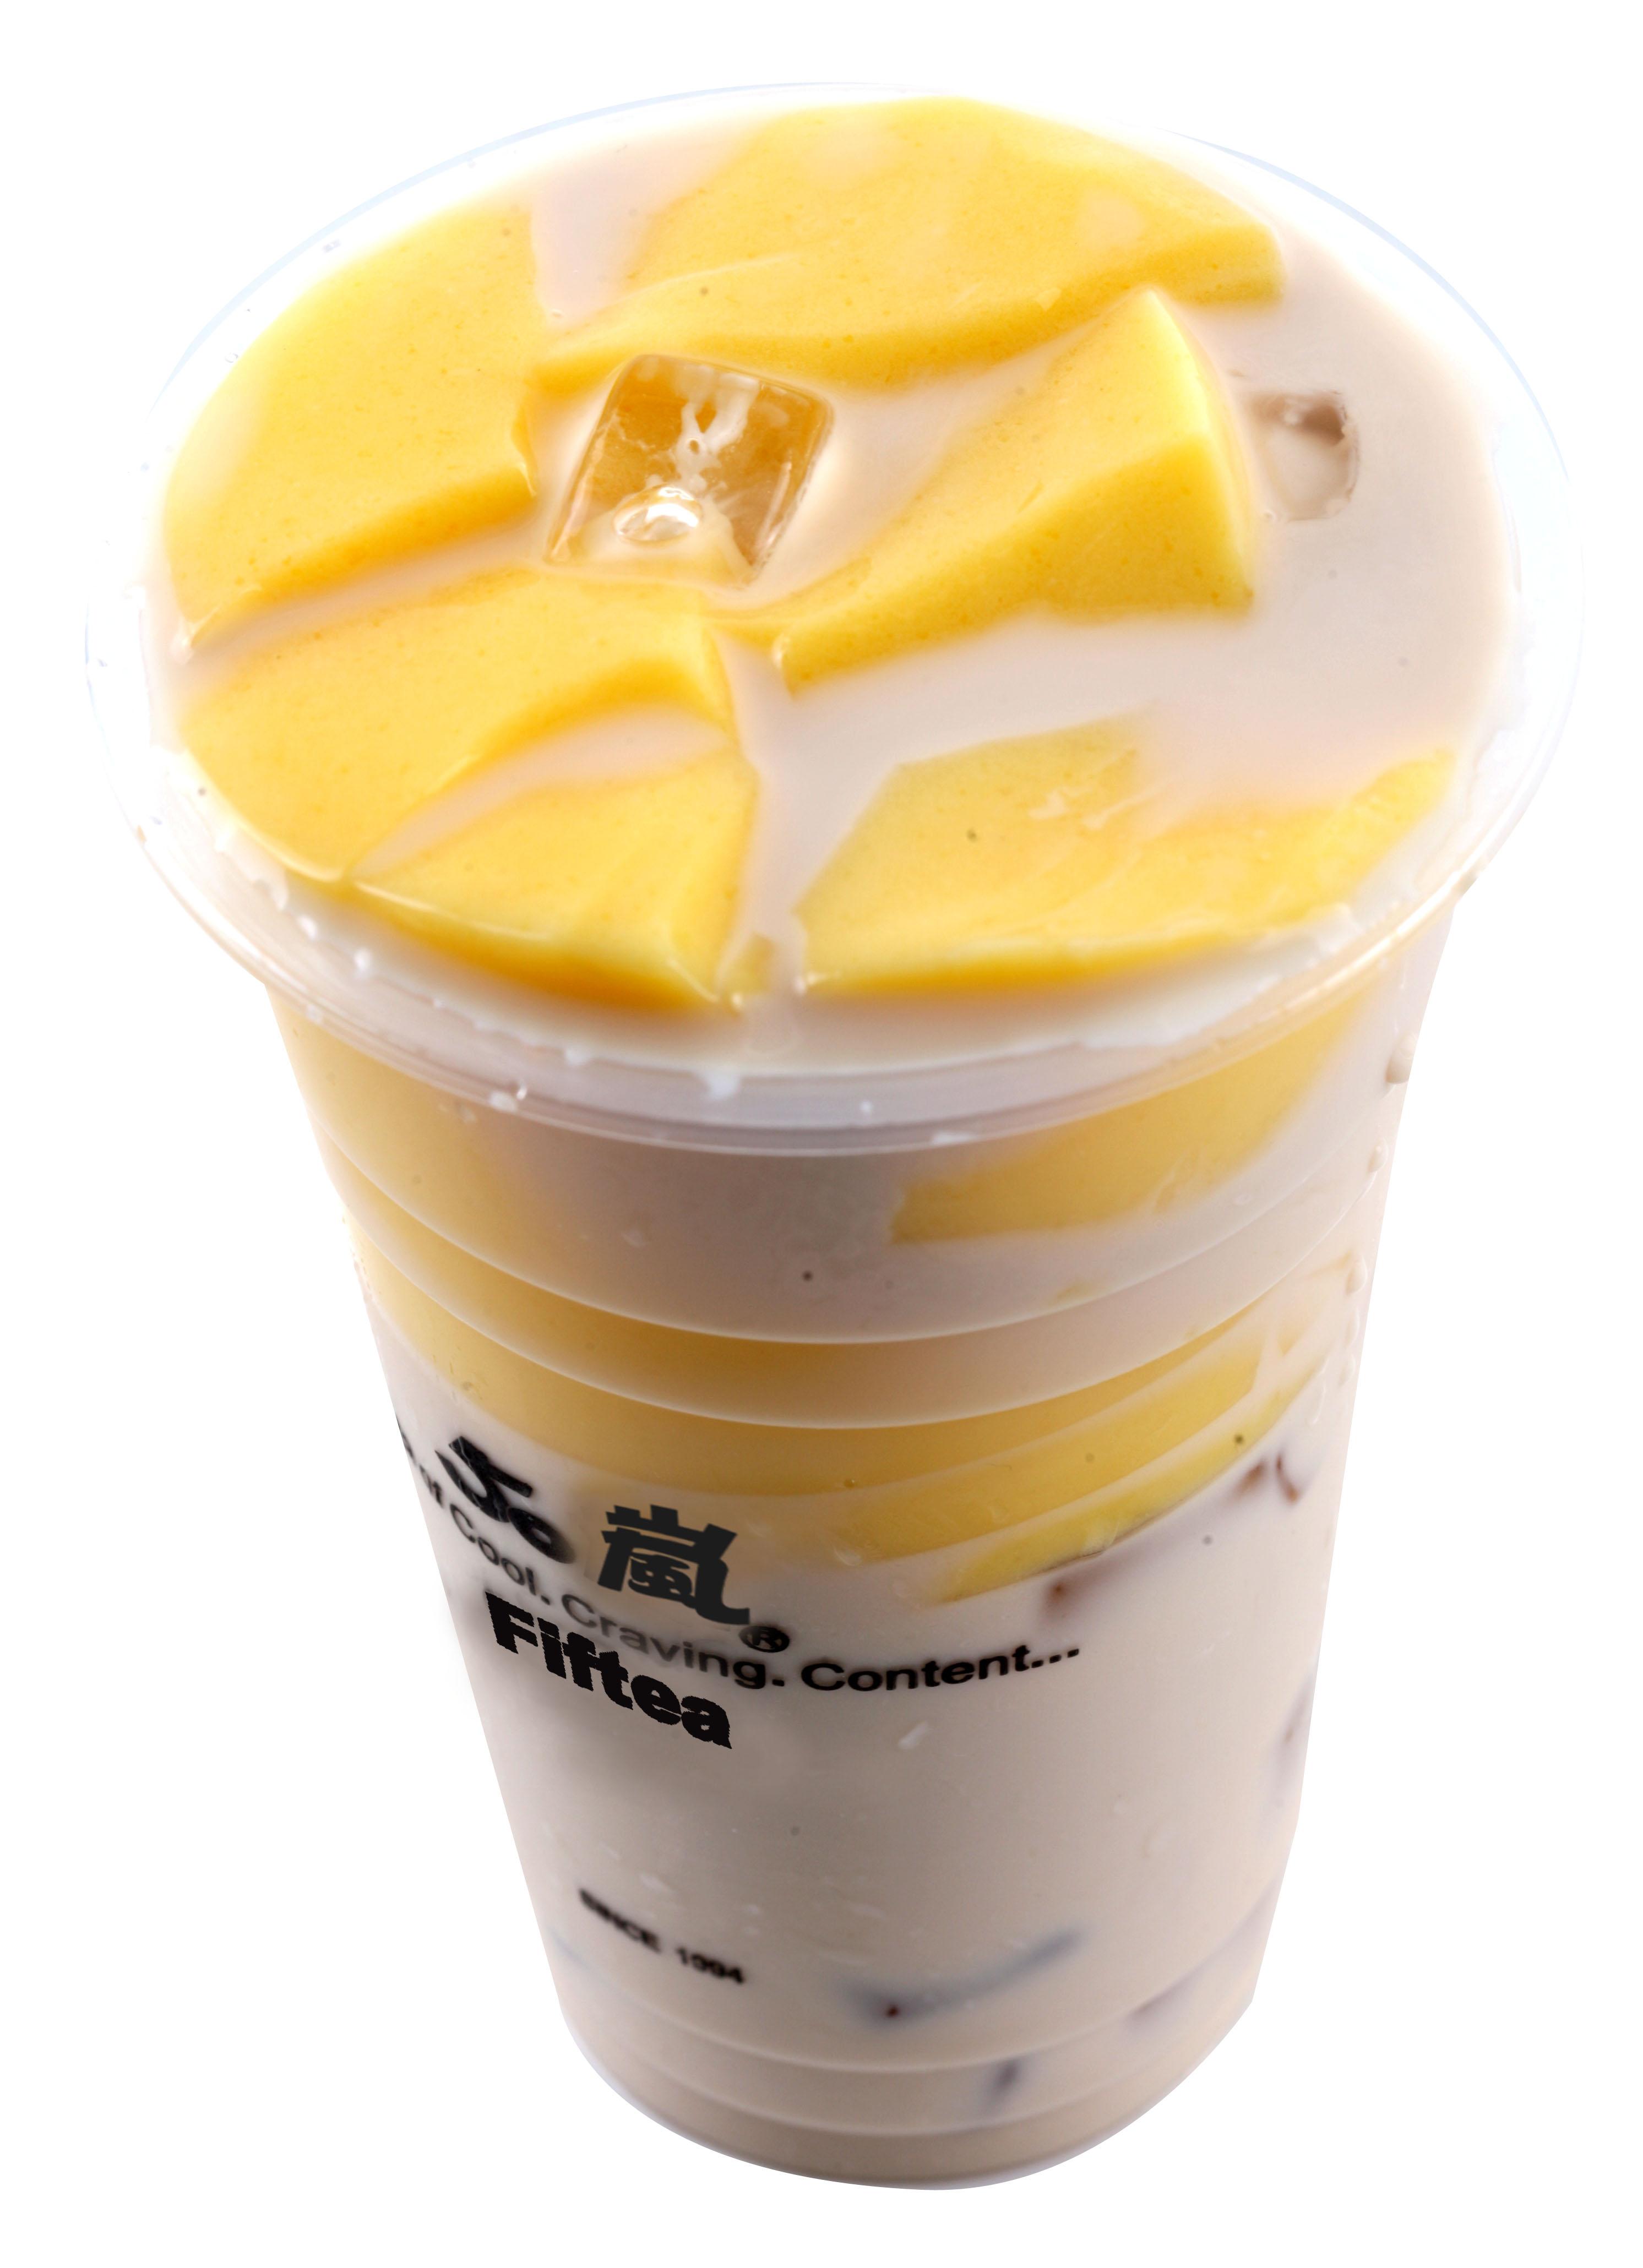 taiwan u2019s finest  u201cfiftea u201d milk tea has arrived